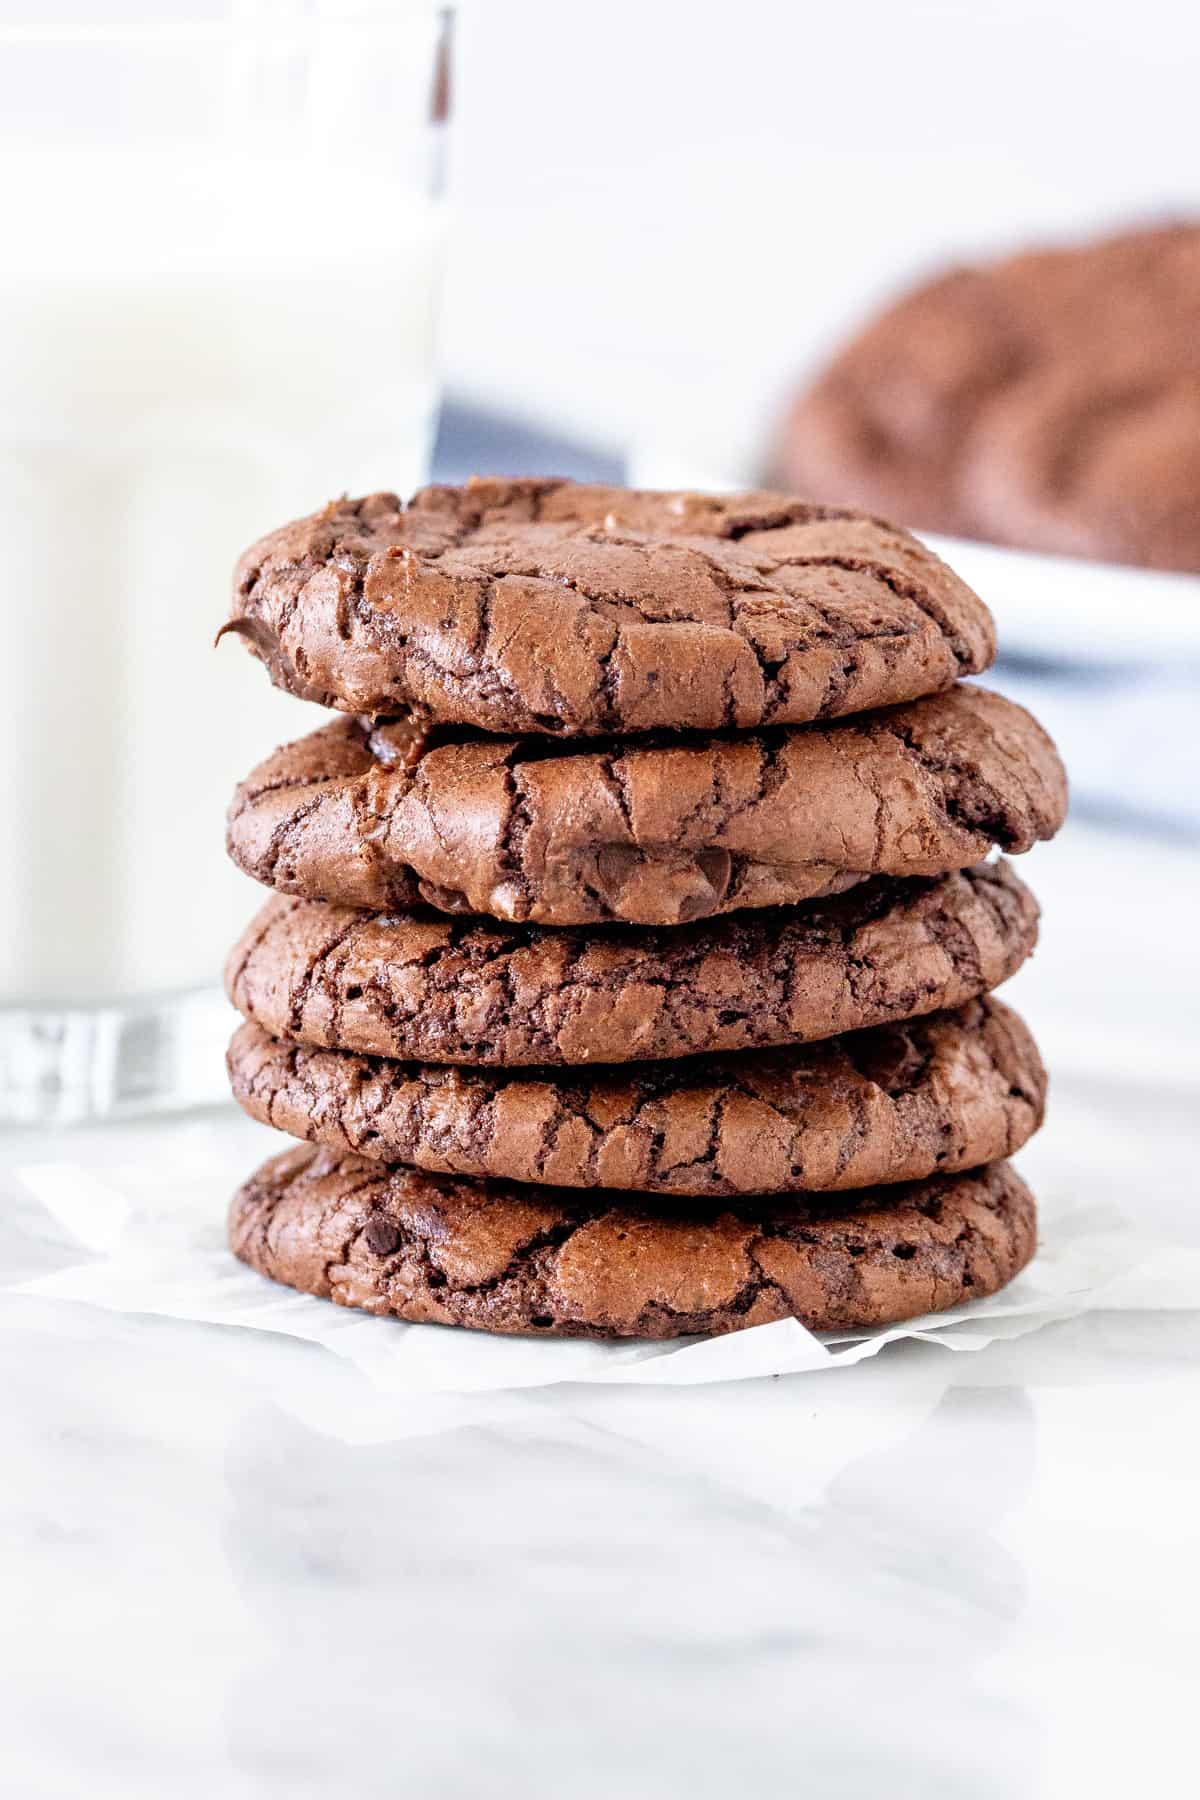 Stack of 5 brownie cookies.